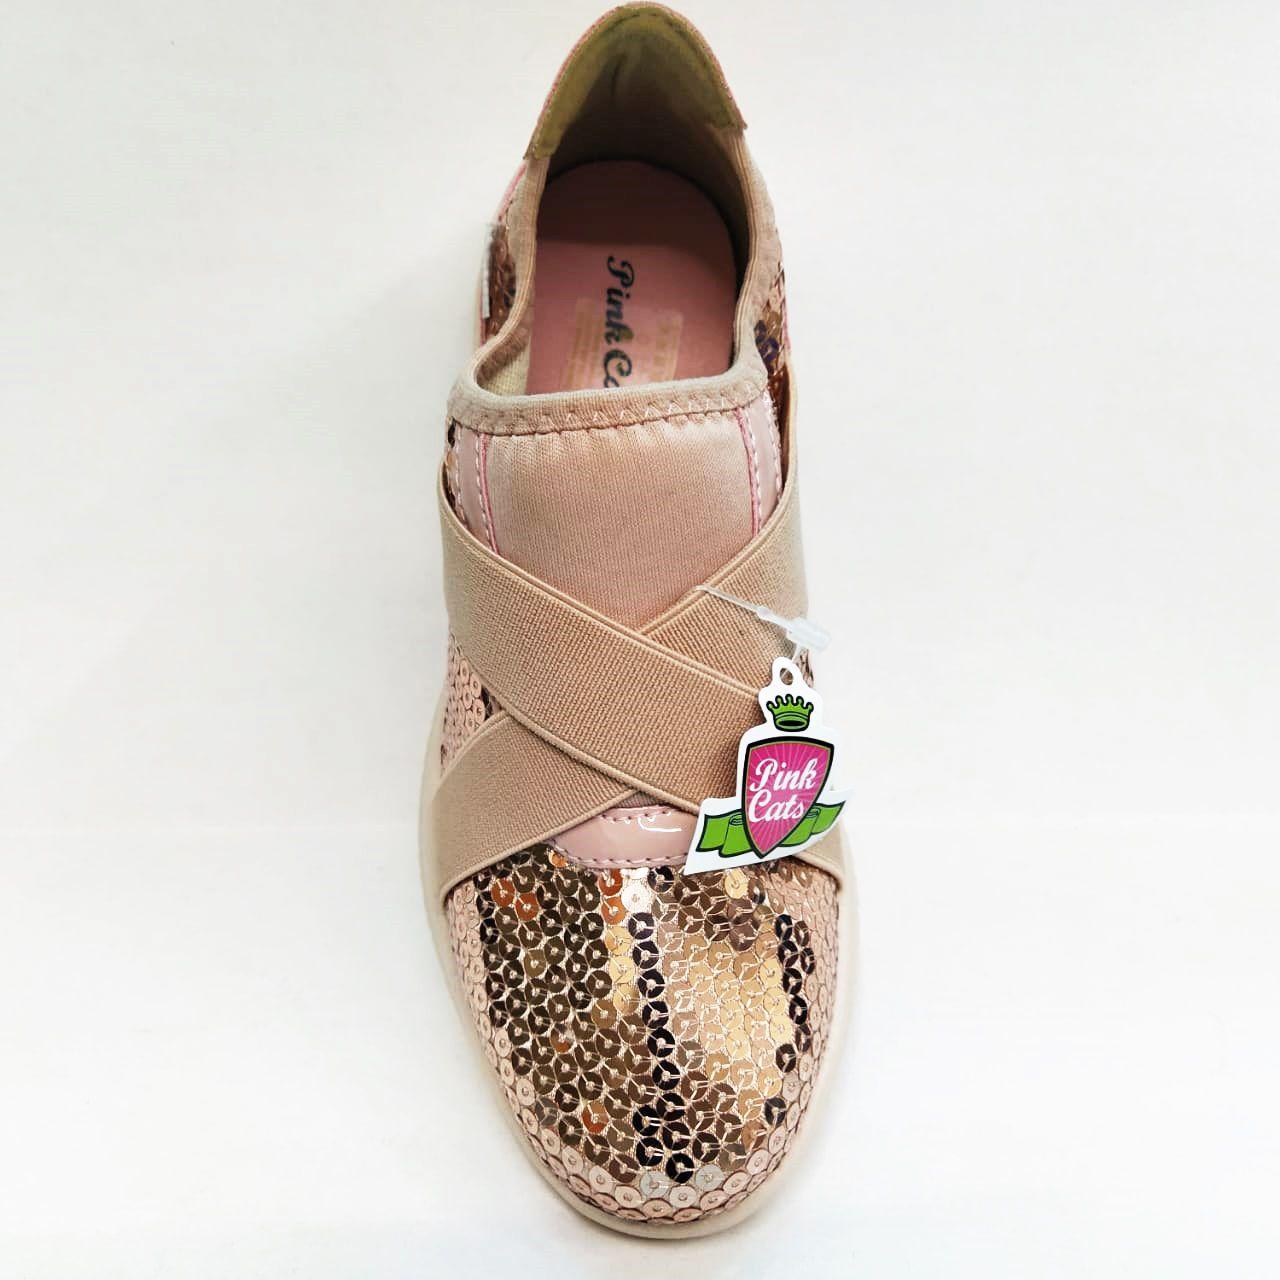 Tênis Infantil Feminino Pink Cats W9813 - Ouro Rosado